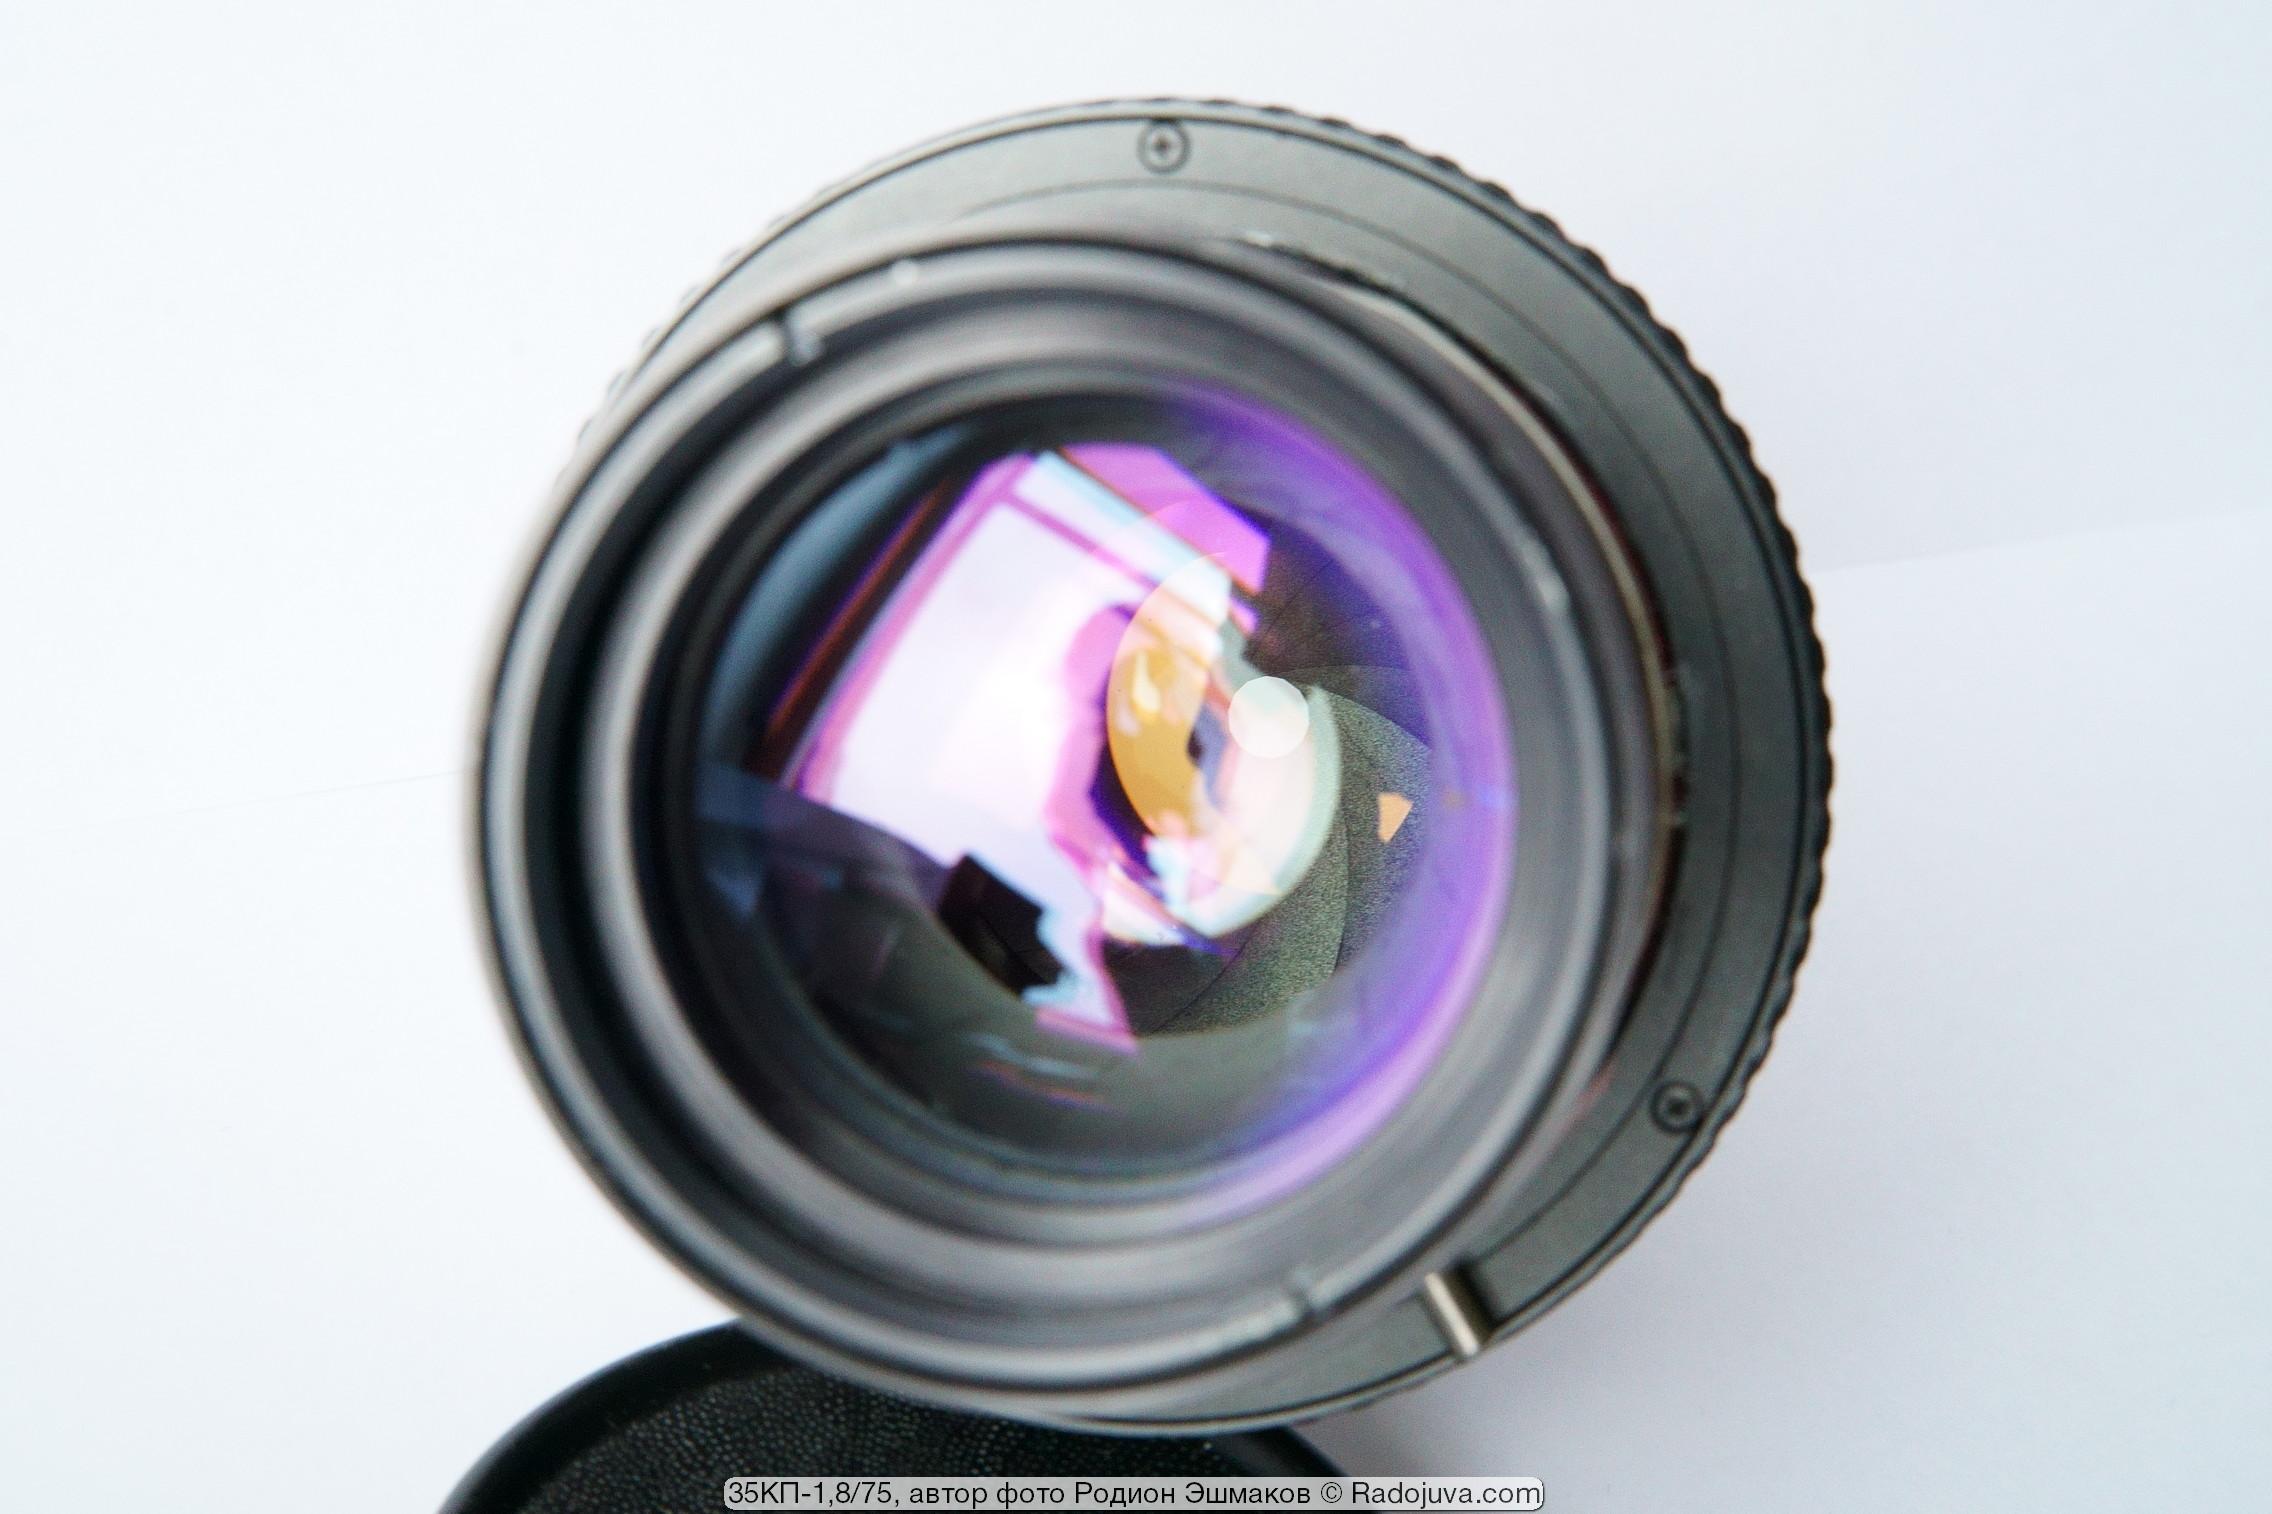 Вид двойной ирисовой диафрагмы объектива через переднюю линзу: апертурная прикрыта, залинзовая закрыта.